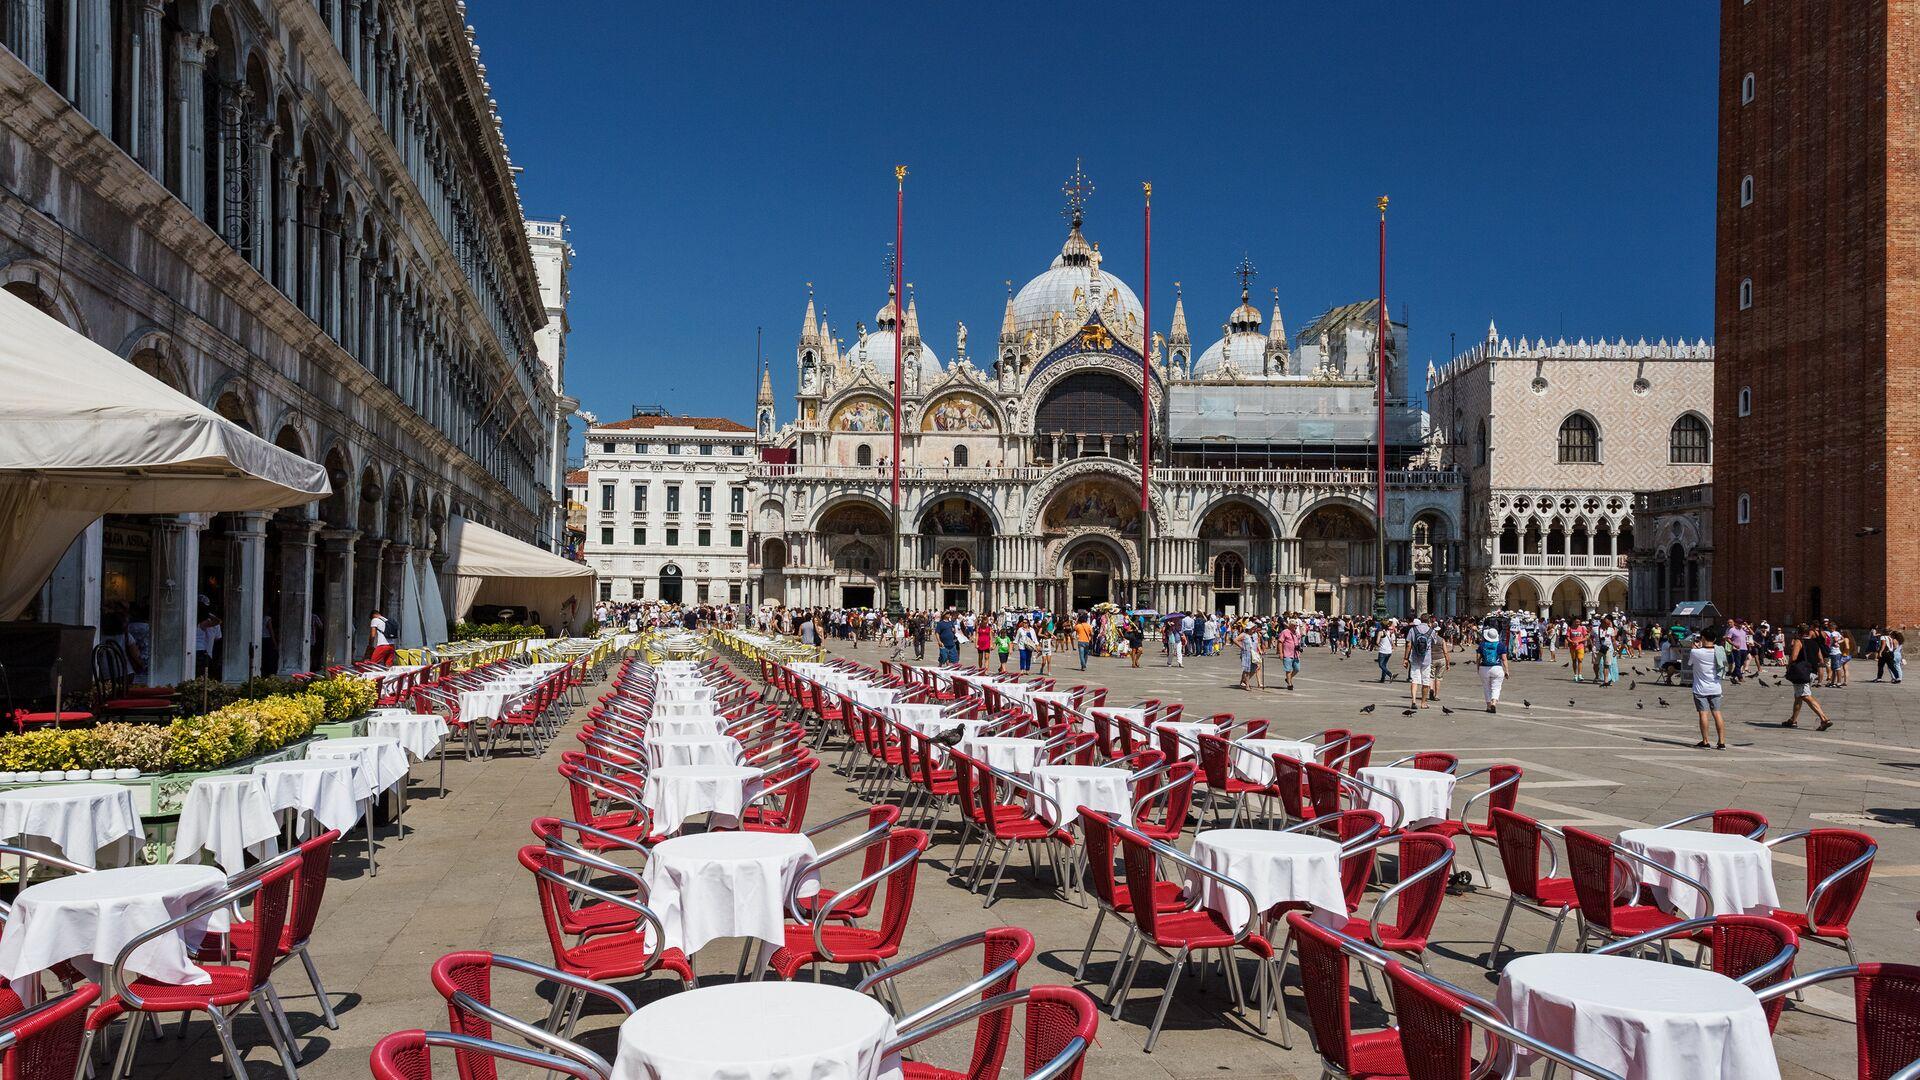 Кафе на Площади Святого Марка в Венеции - РИА Новости, 1920, 10.05.2021